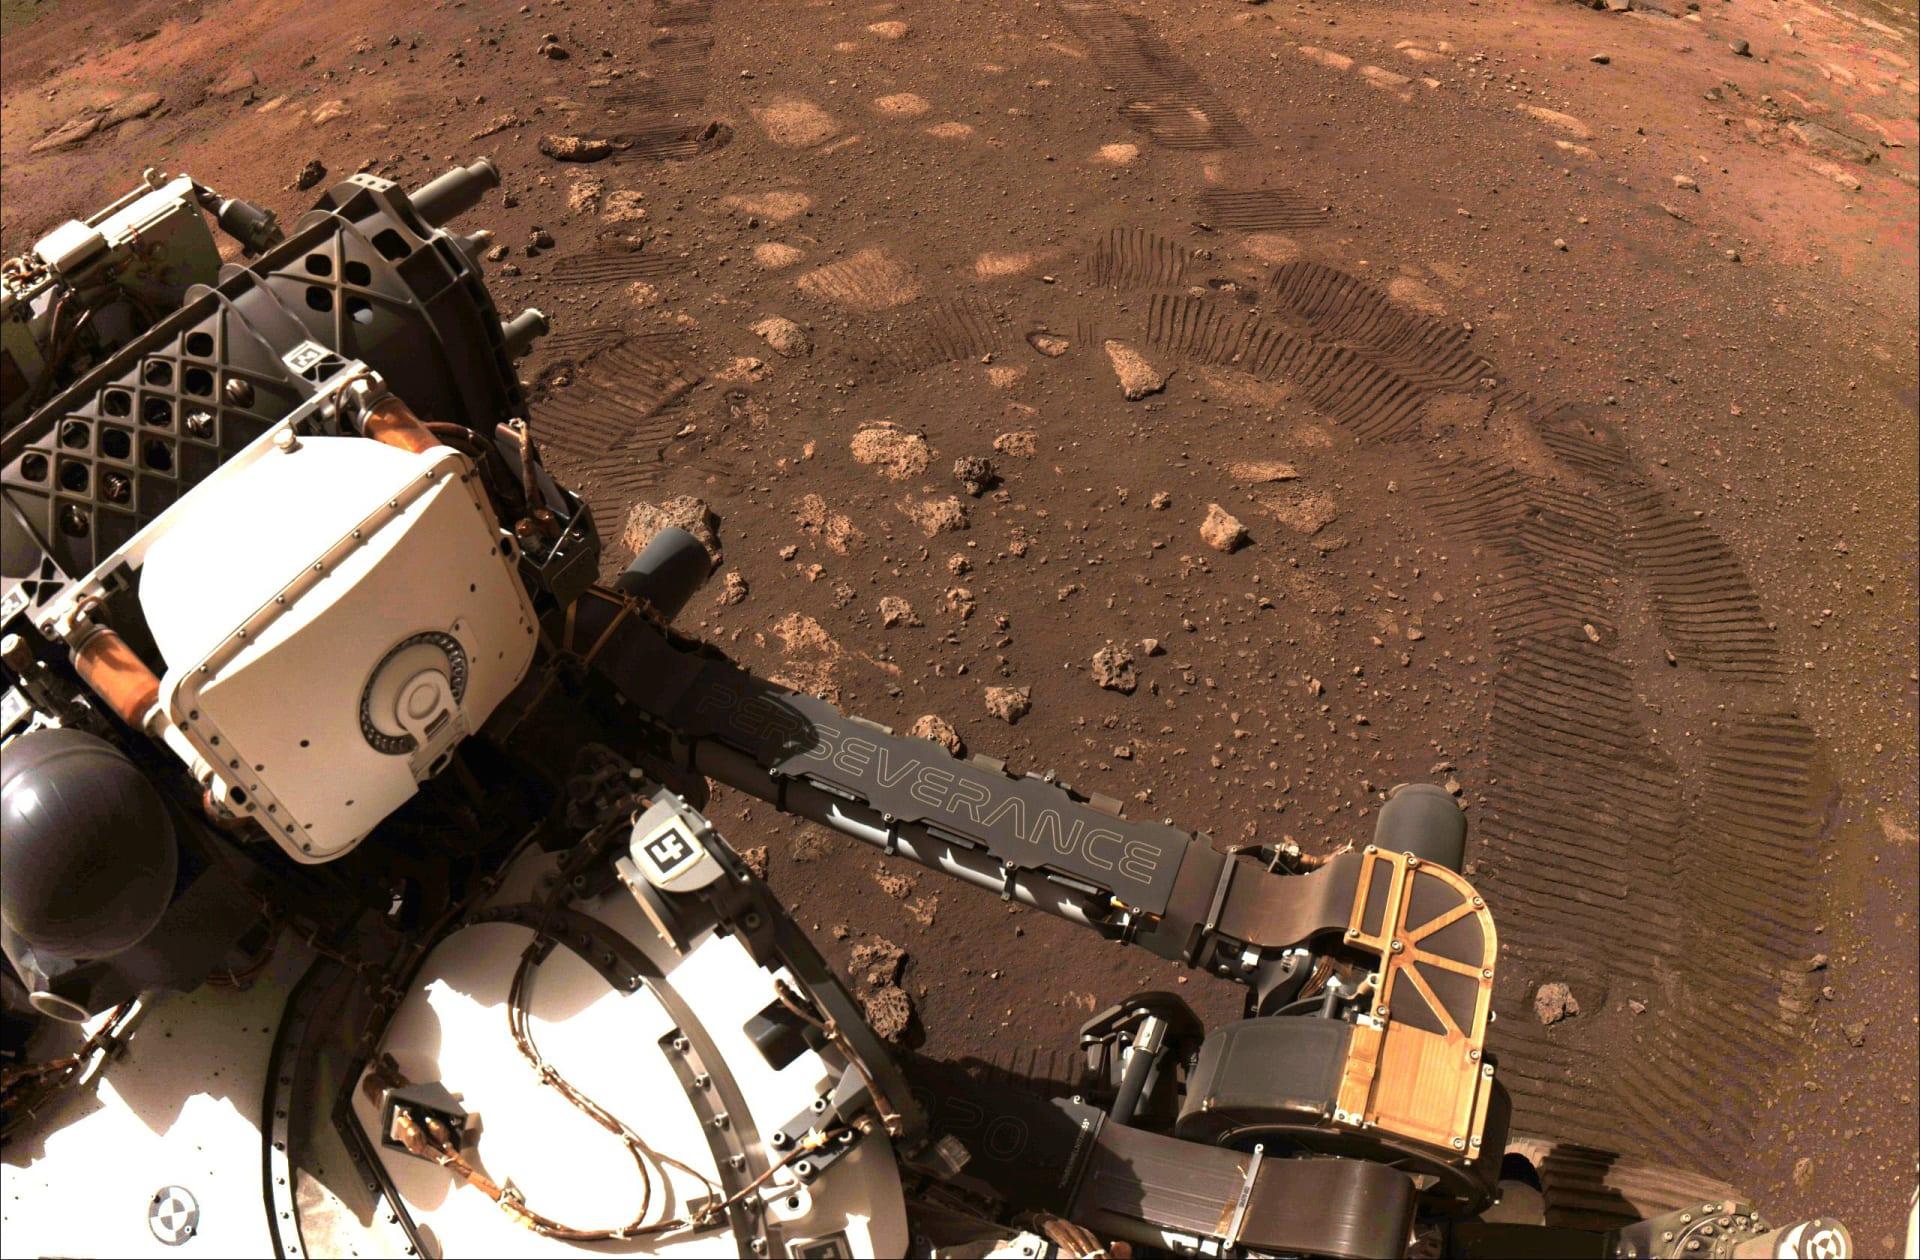 قد تساهم هذه البحيرة بتركيا في الكشف عن أدلة لوجود حياة قديمة على المريخ